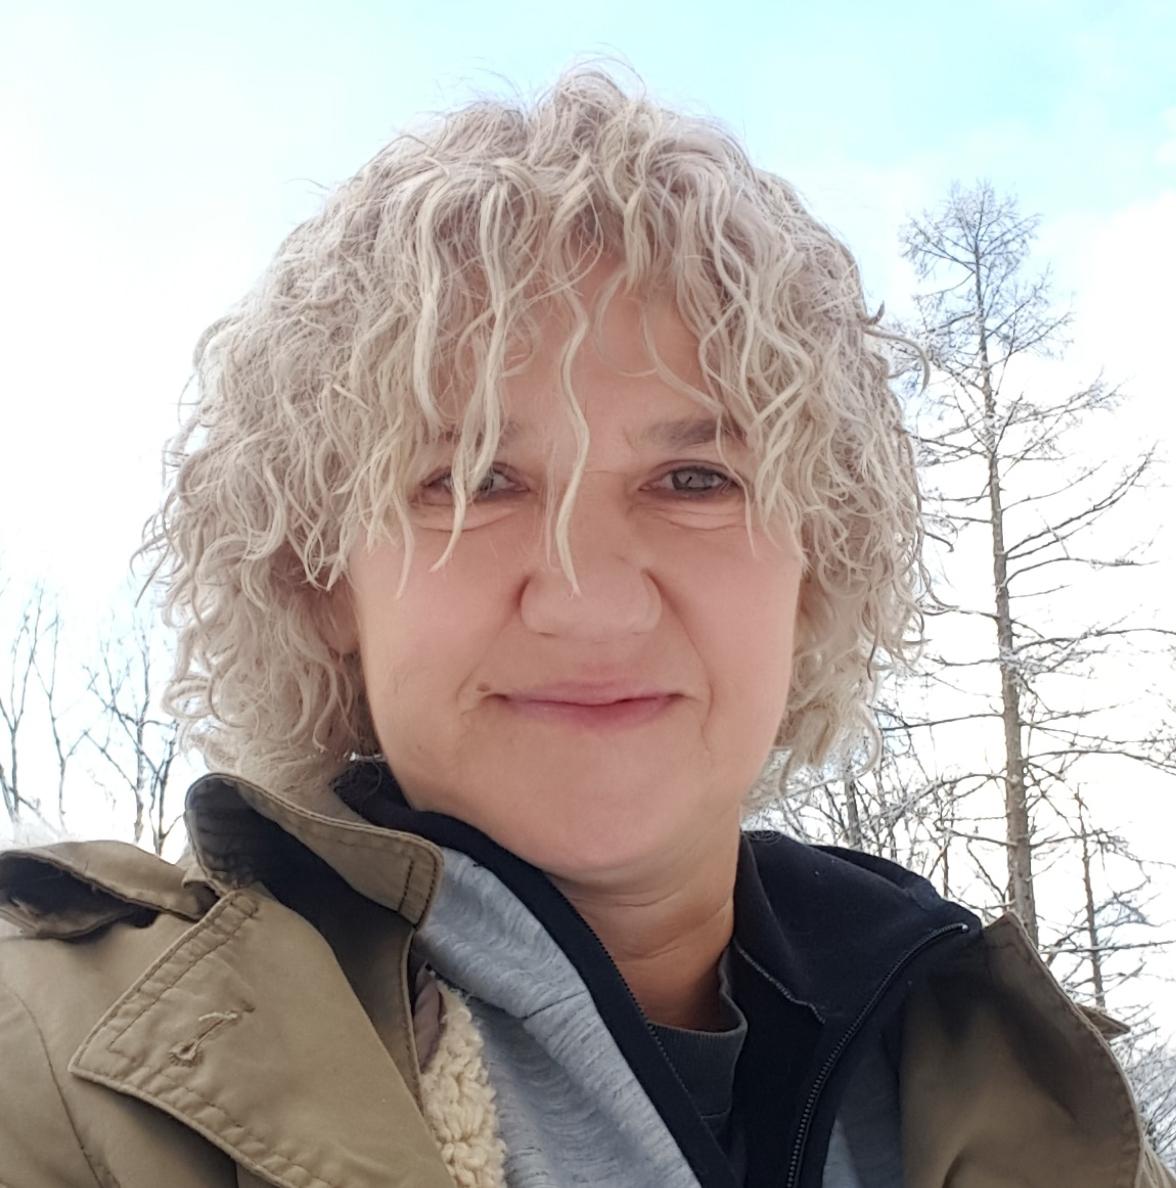 Tanya Izzard